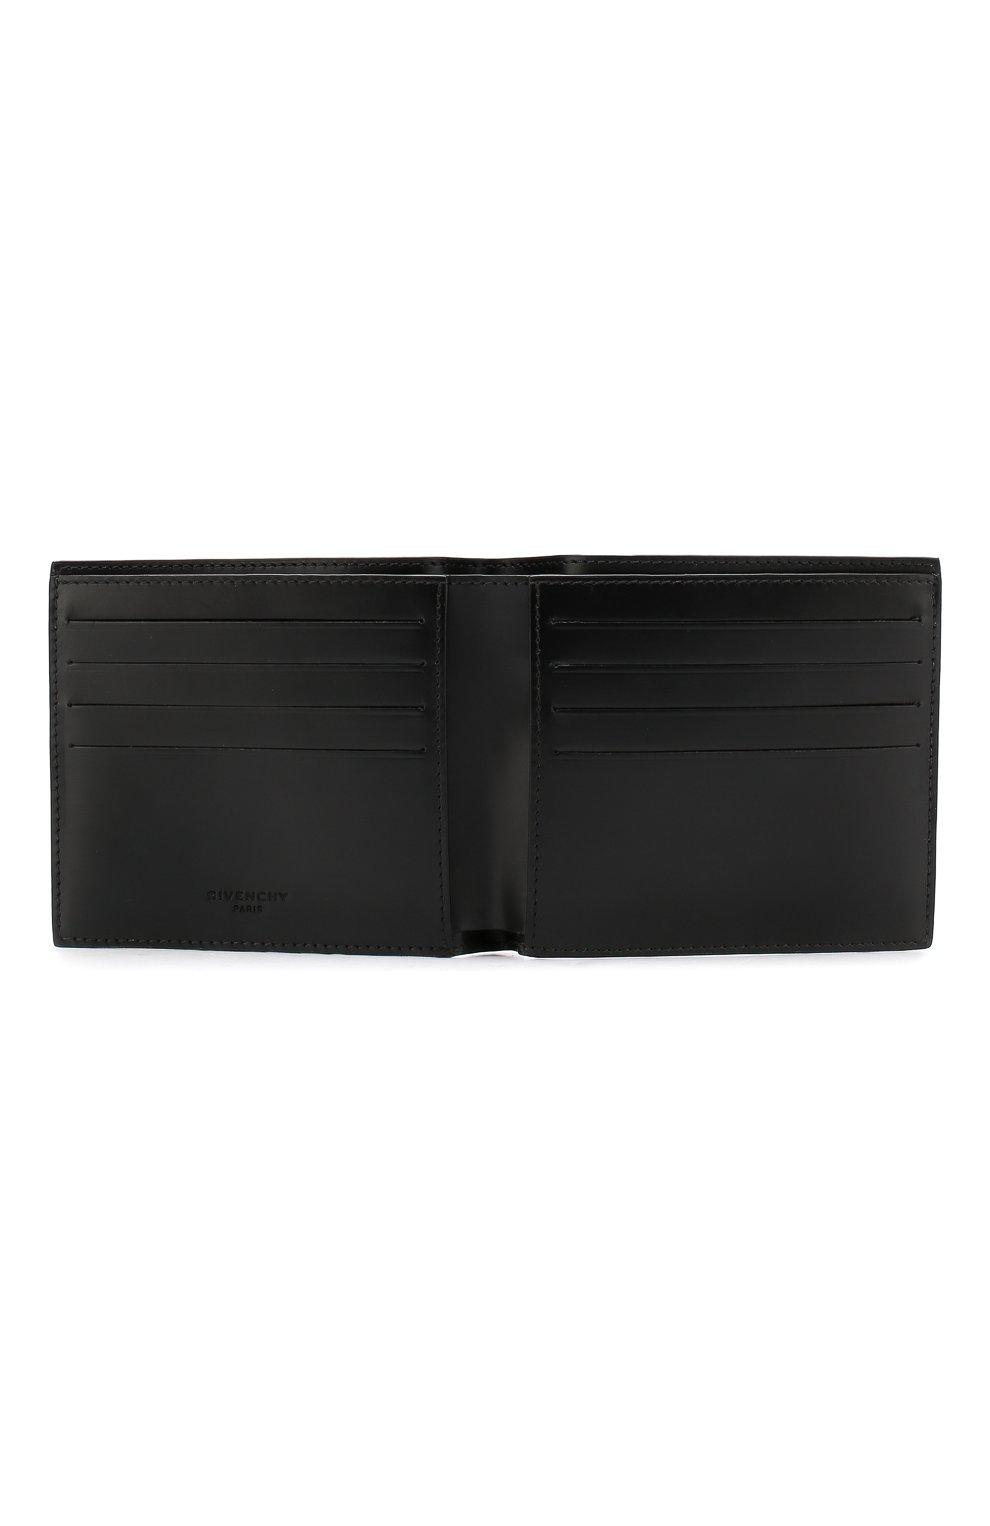 Мужские кошельки и портмоне Givenchy по цене от 17 500 руб. купить в  интернет-магазине ЦУМ c3a338c8c94